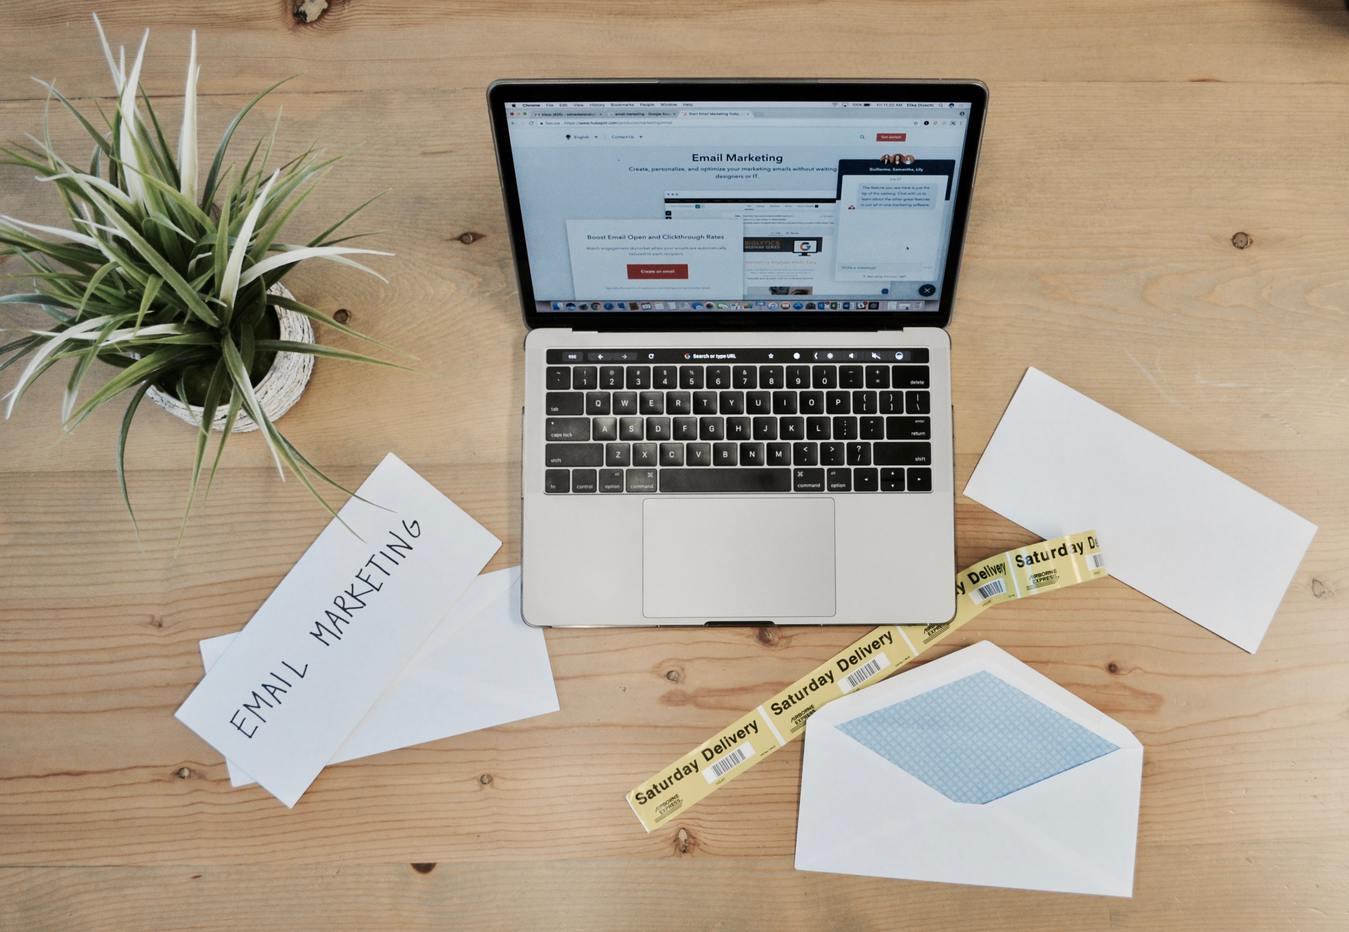 Email marketing portátil sobre uma mesa com papéis e uma planta